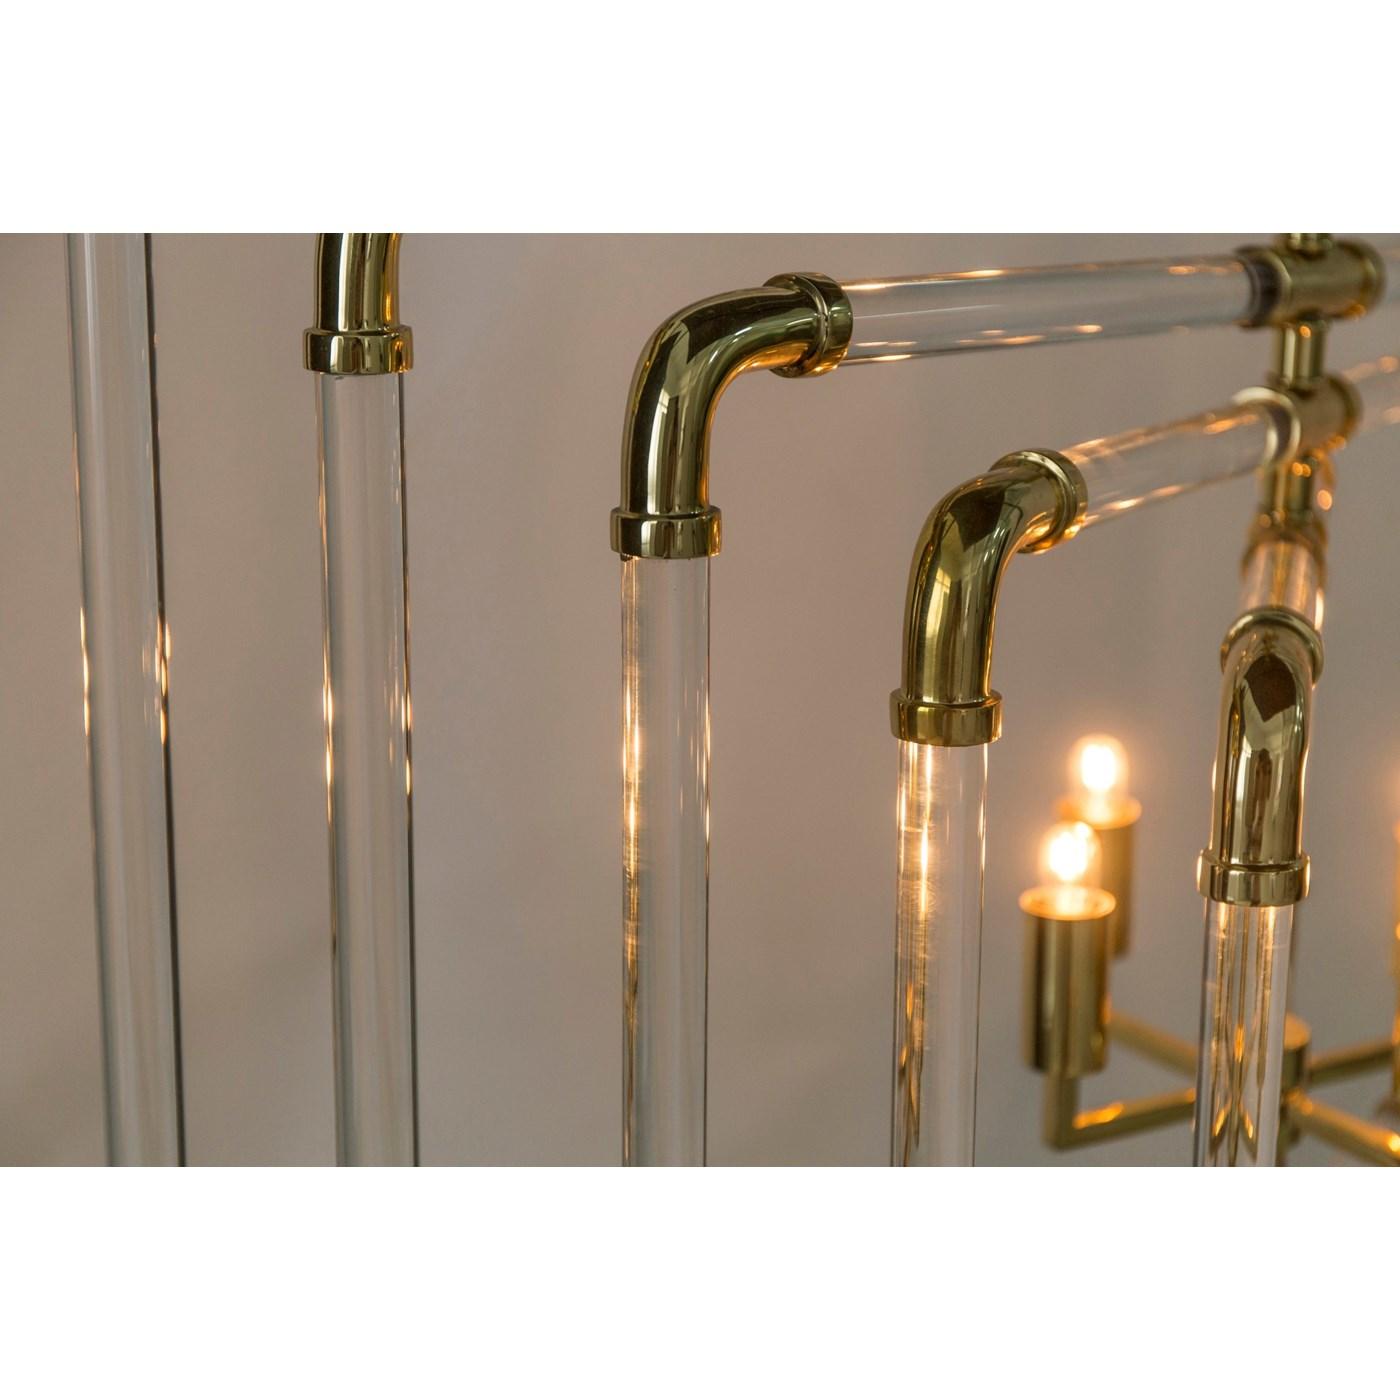 Spiral Acrylic Stream - 5 Layer / Brass / 120v US